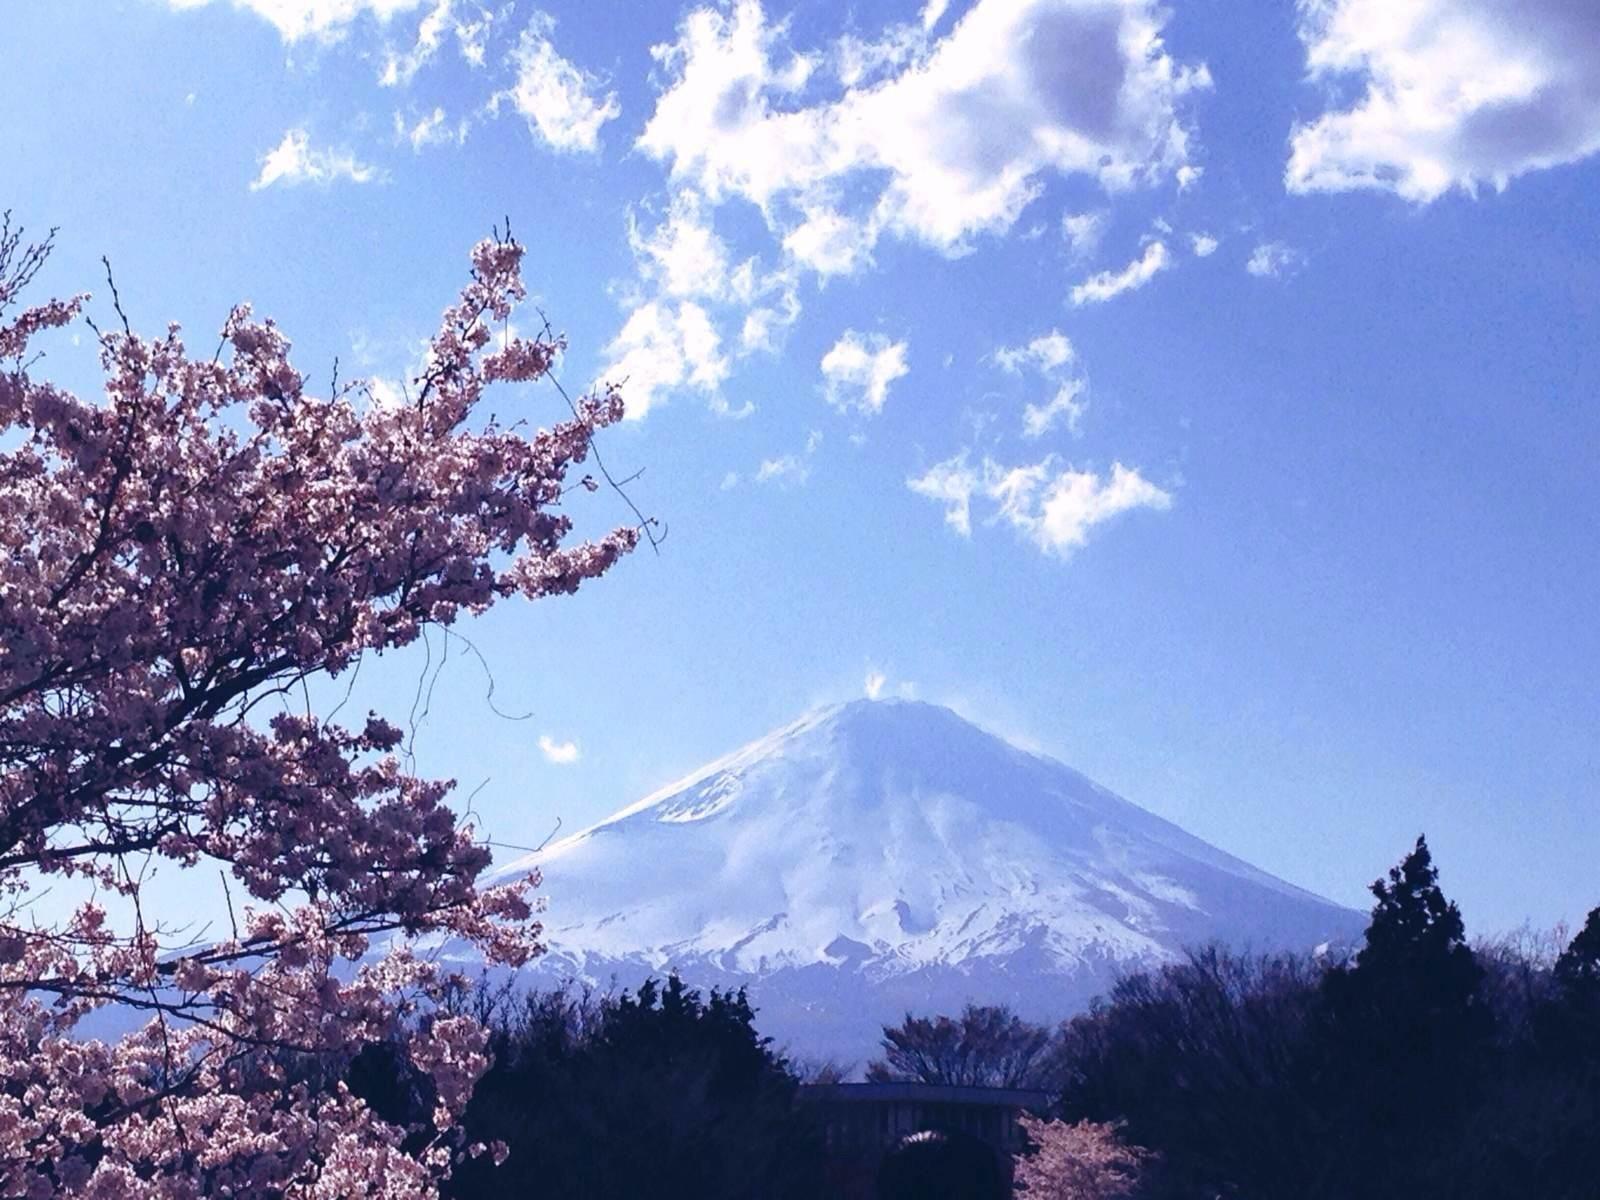 办理日本签证最快需要多久?所需材料有哪些?